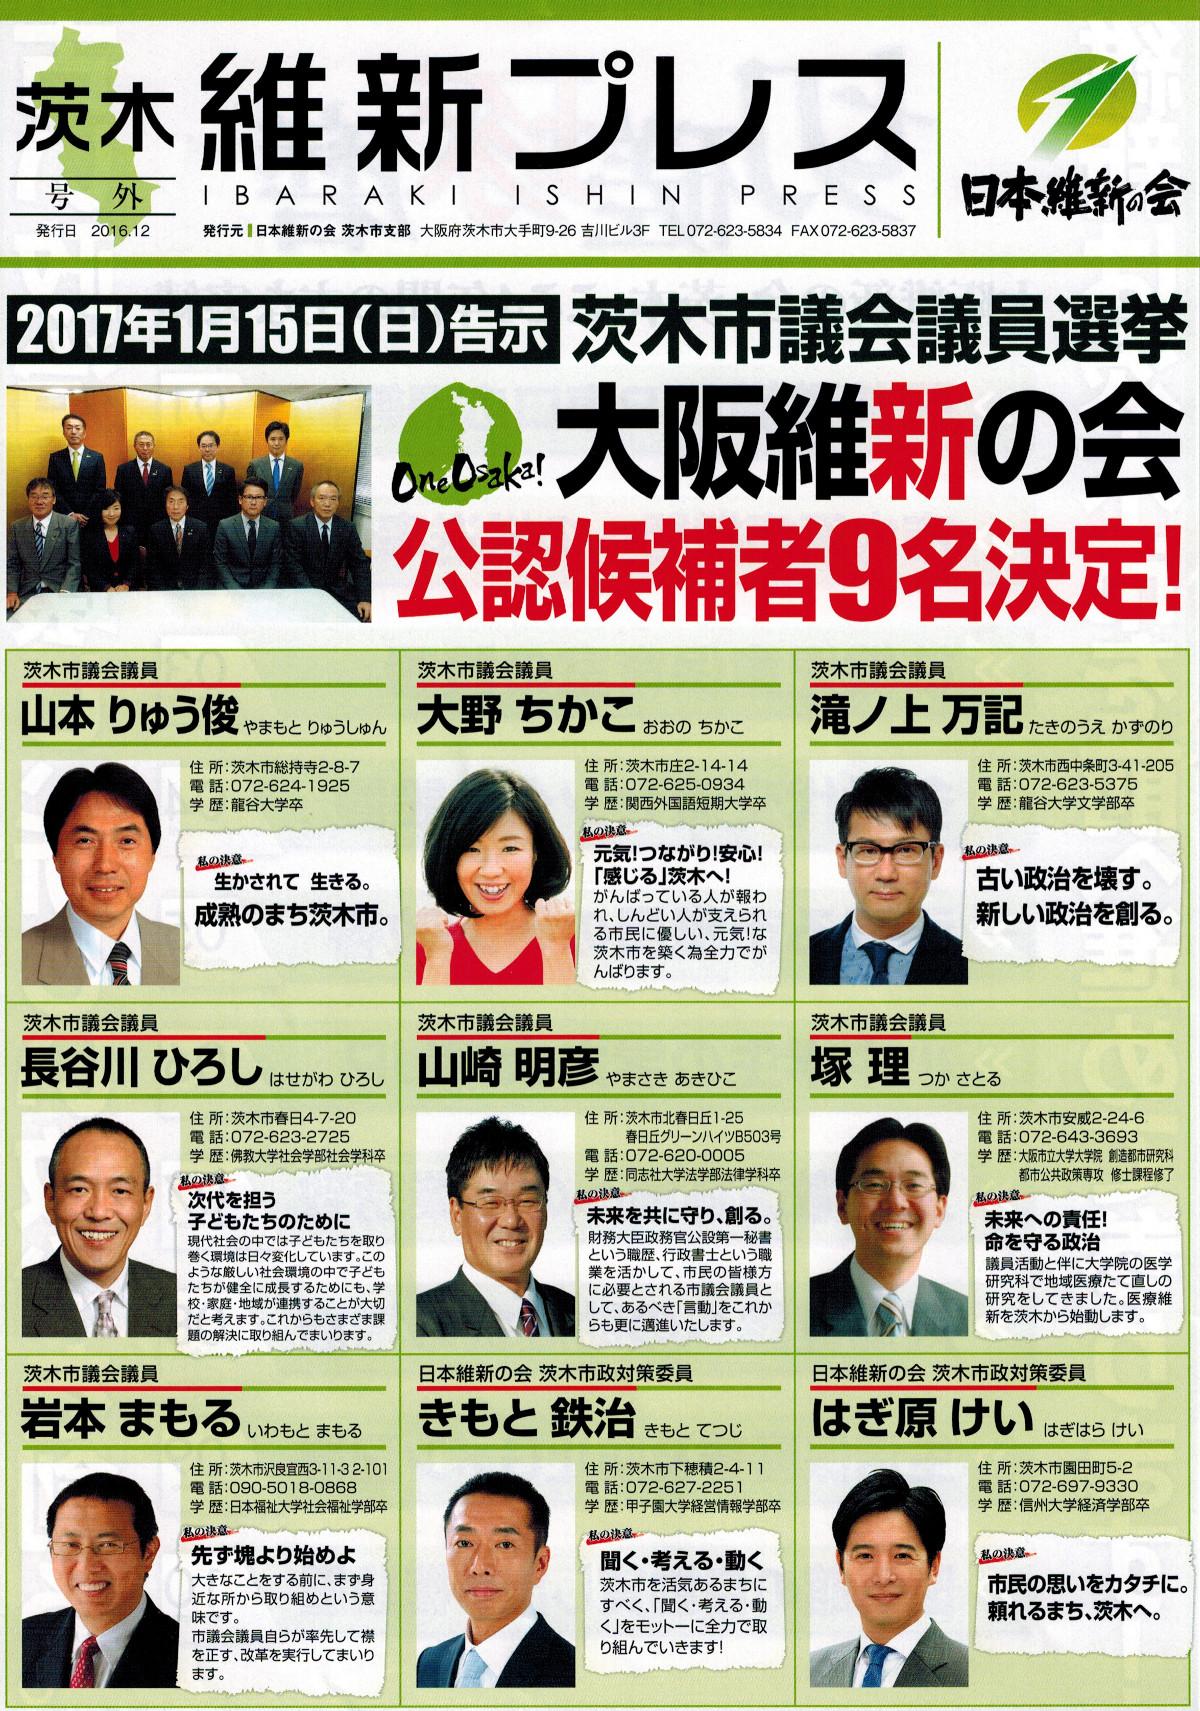 2017年茨木市議会議員選挙大阪維新の会茨木支部公認候補